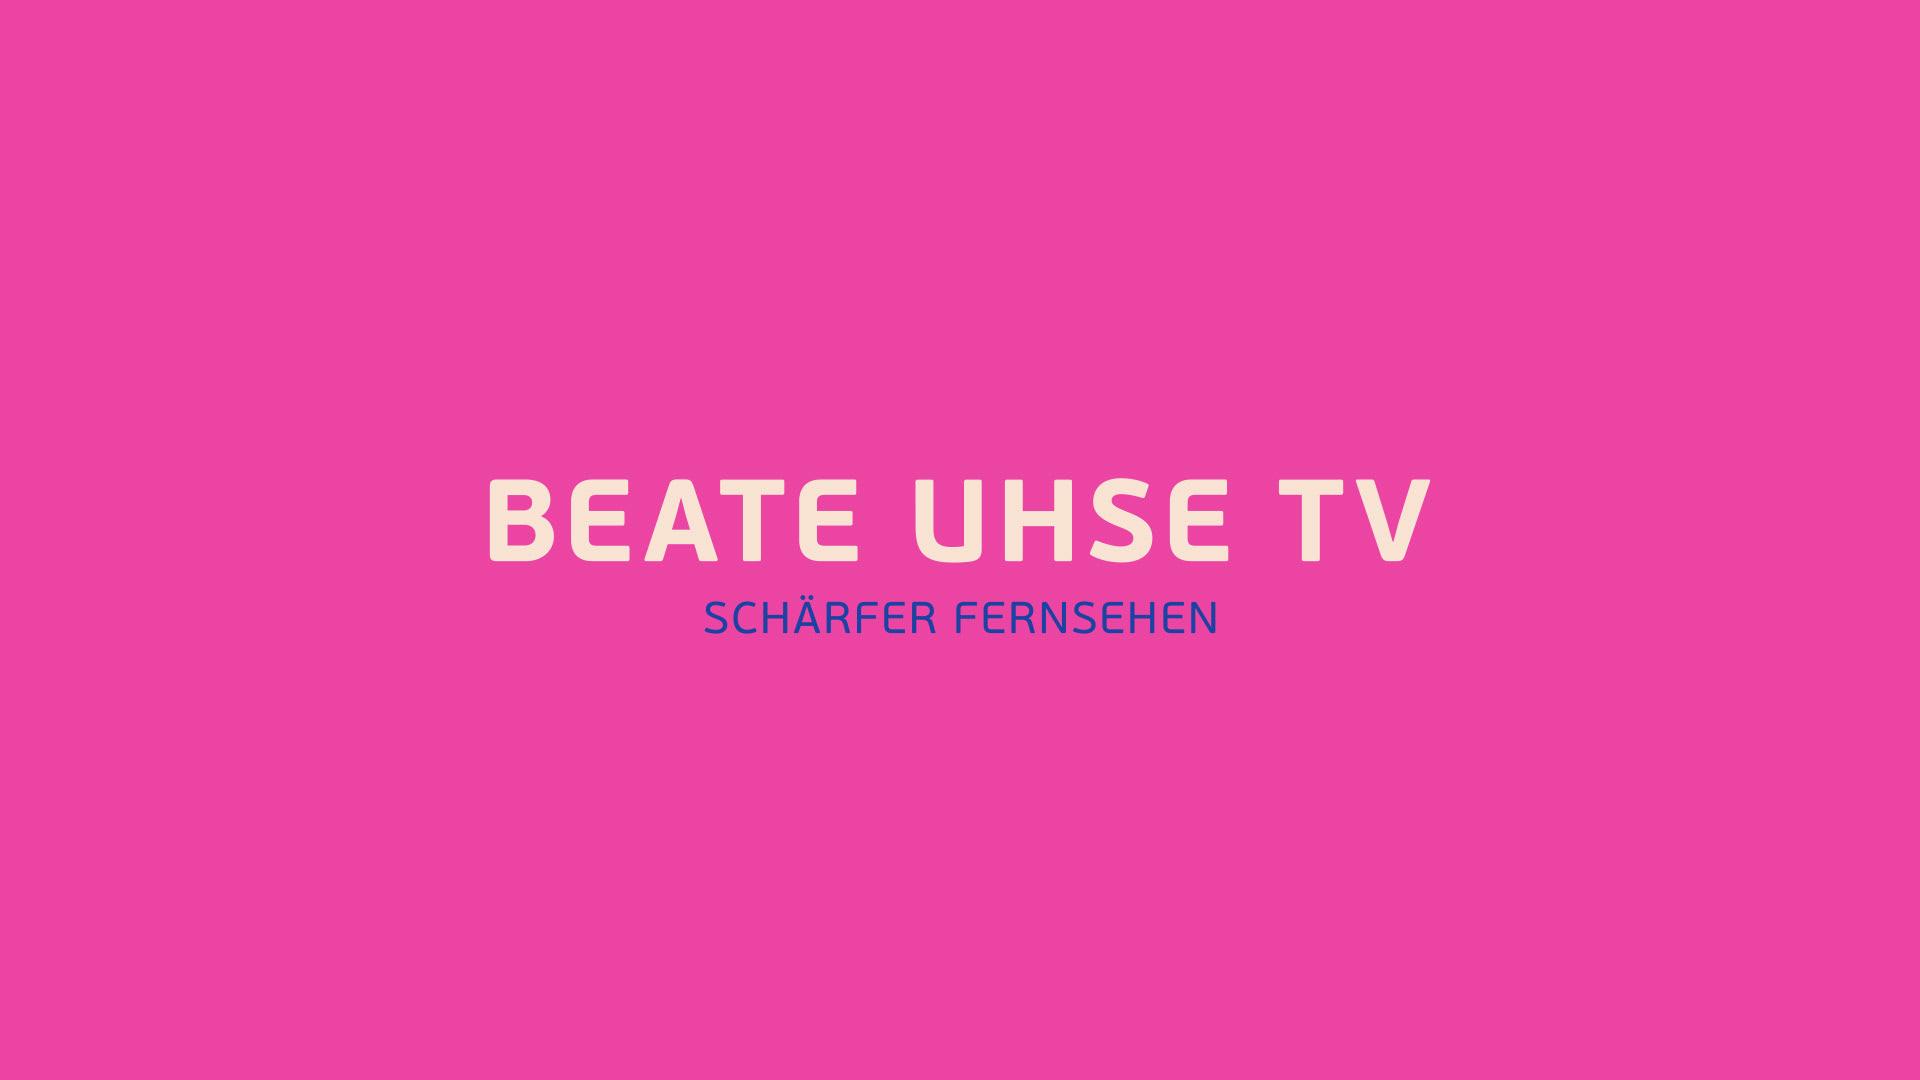 Tv freischalten uhse beate filme stream